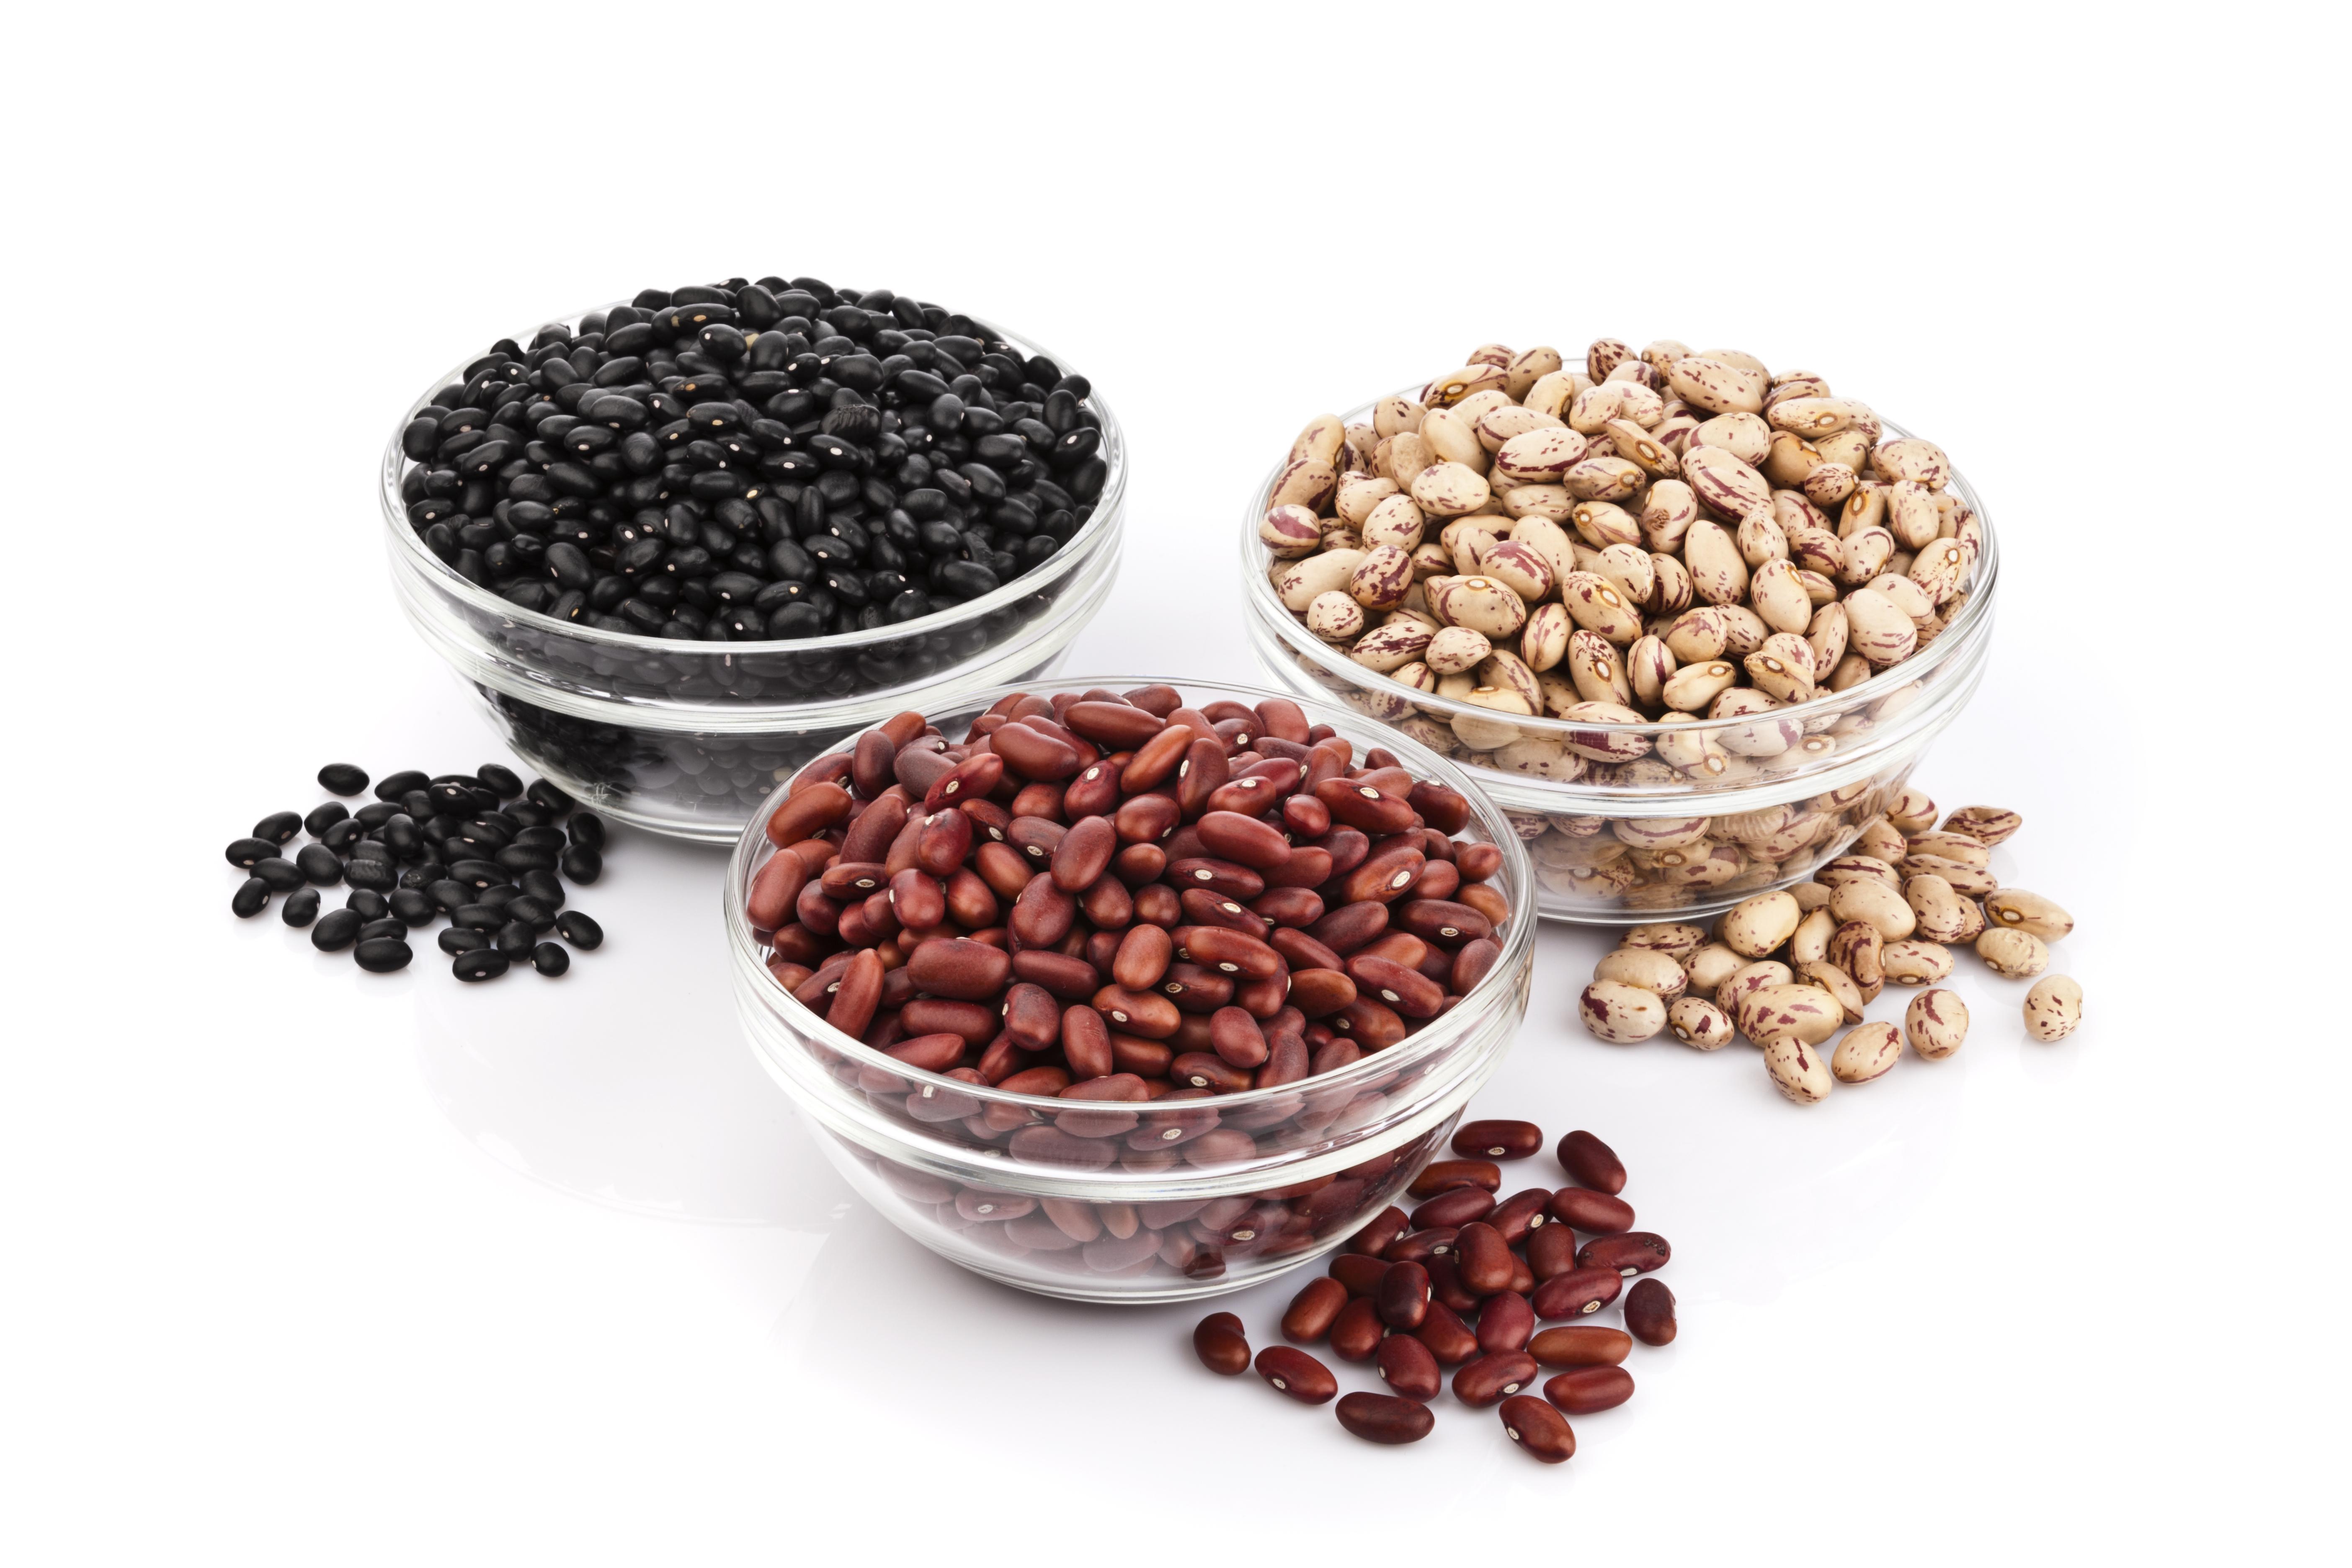 Black asian beans urds